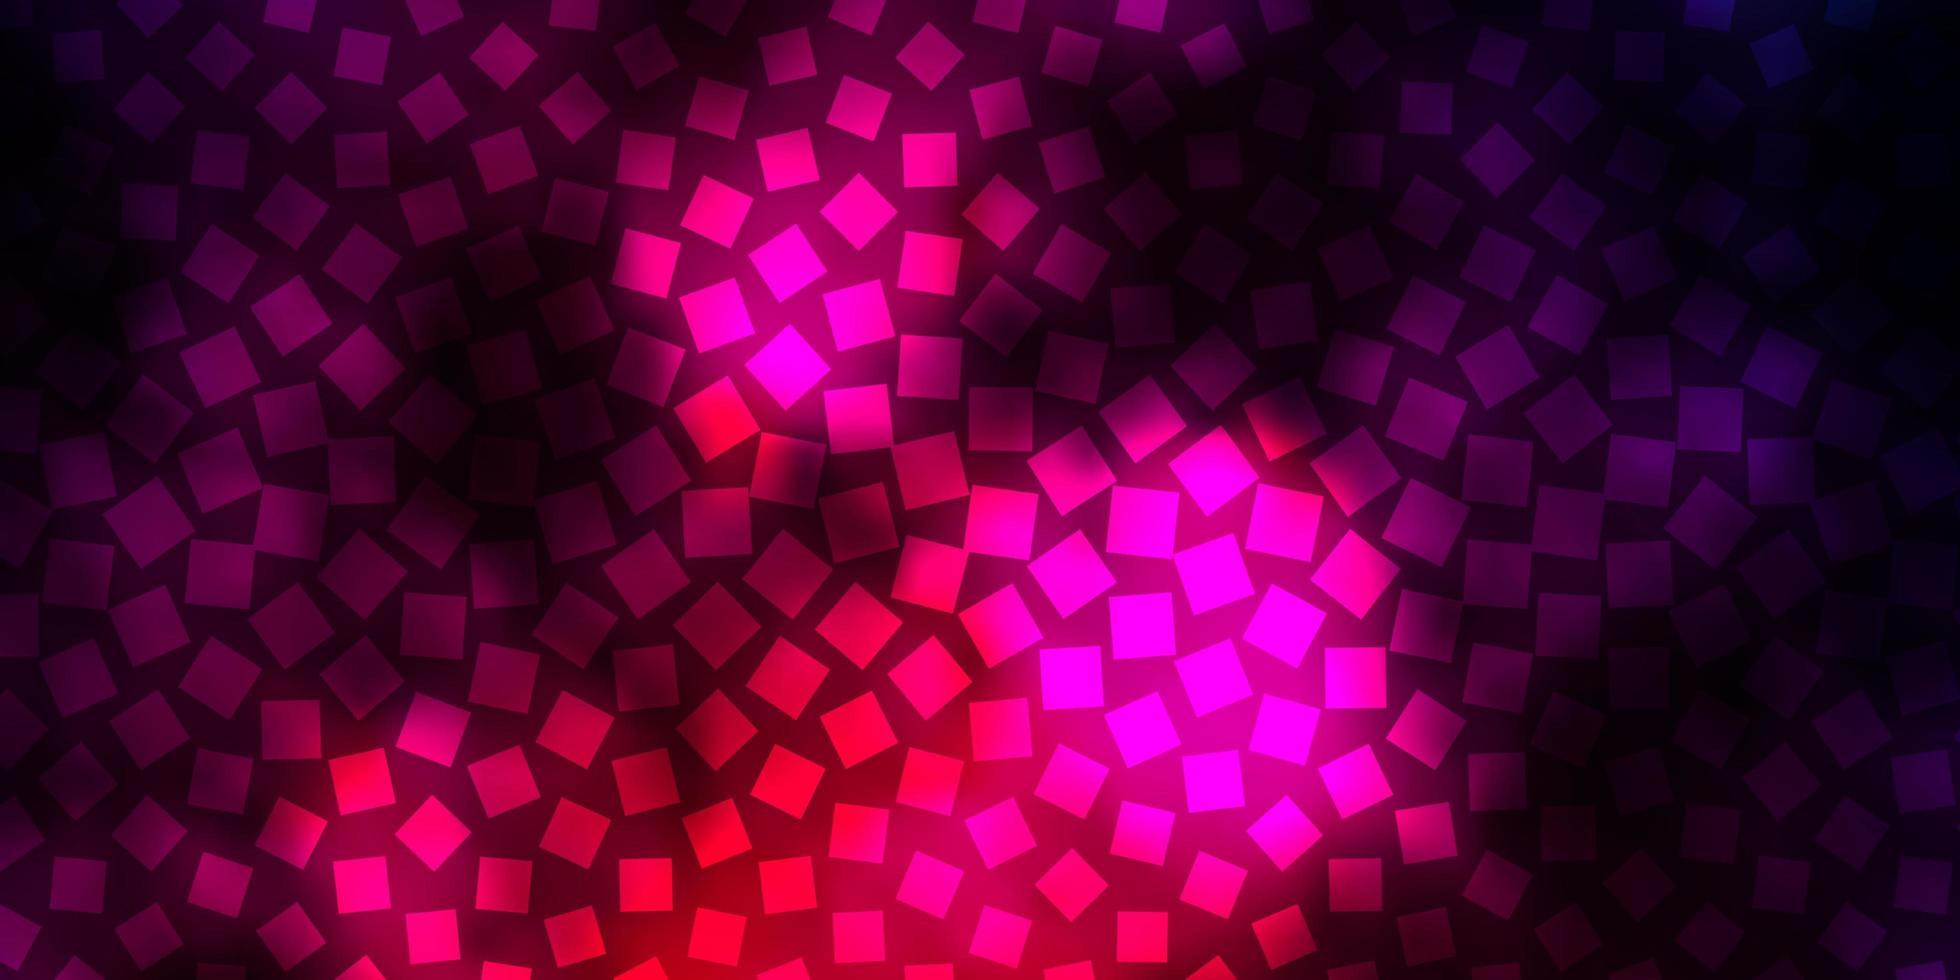 dunkelvioletter Vektorhintergrund im polygonalen Stil. vektor